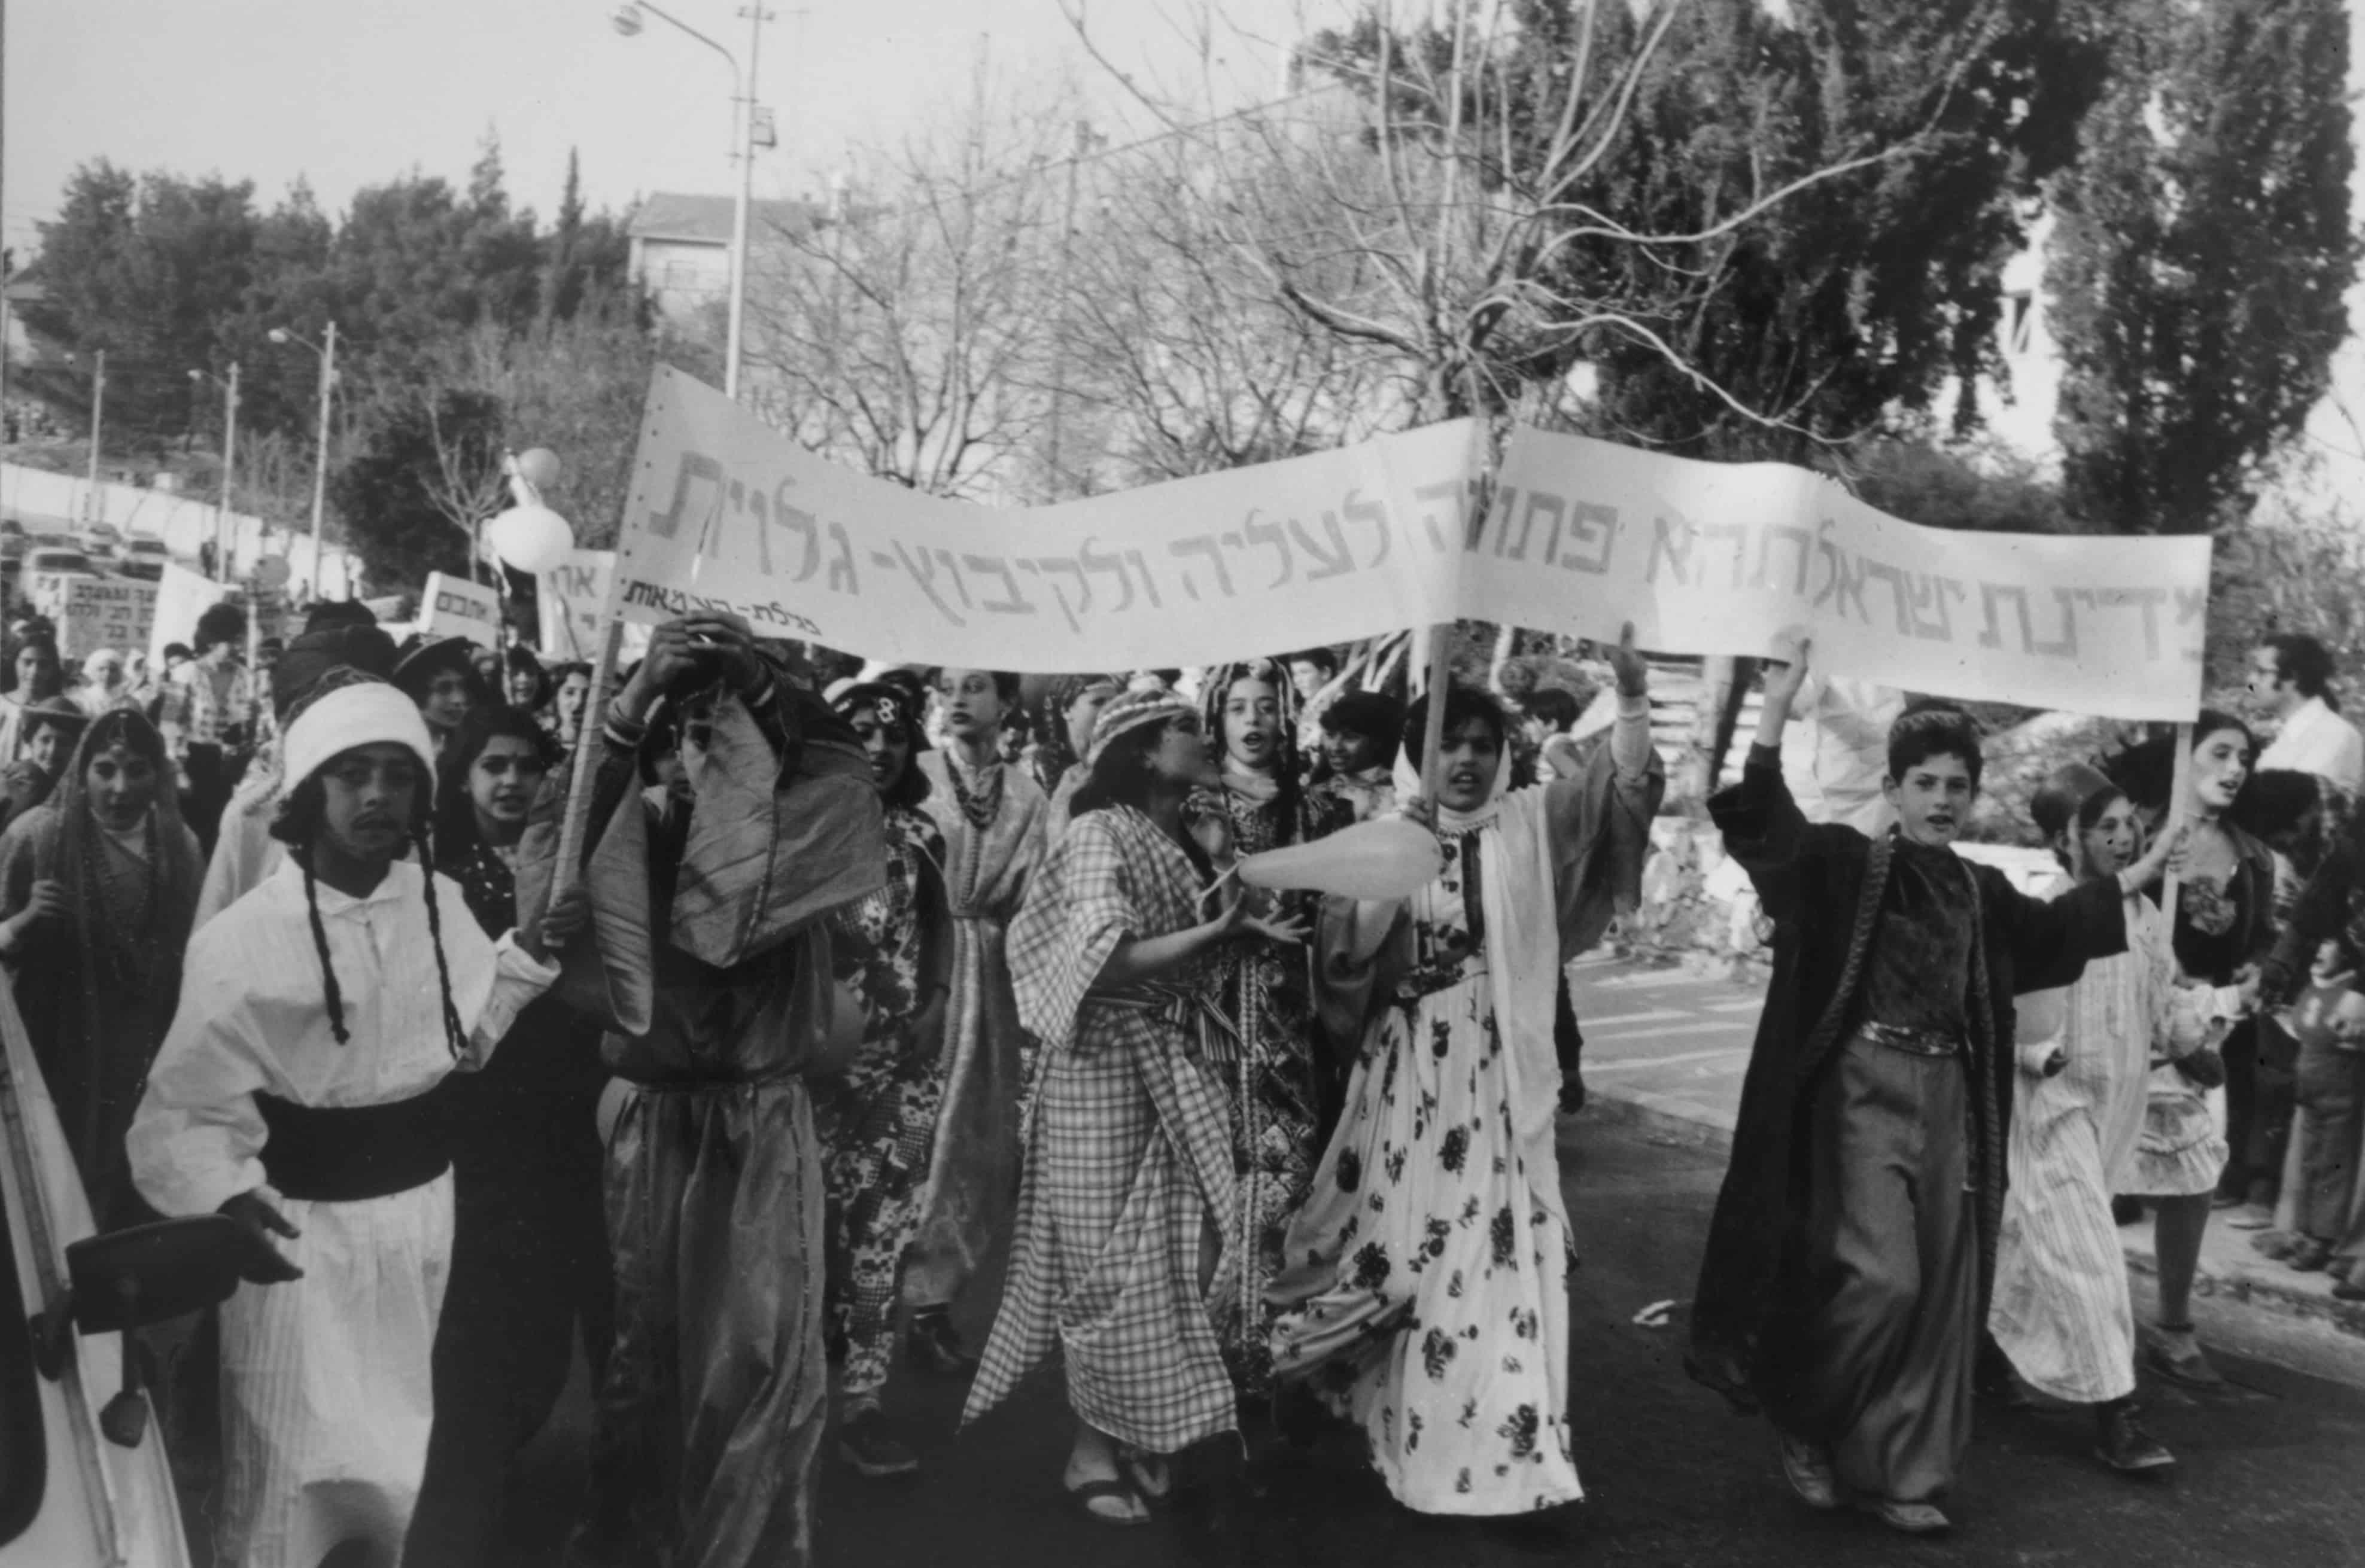 ירושלים_-_ביס_סטון_בתהלוכת_פורים_ארכיון_הצילומים_של_קקל_24.3.1978